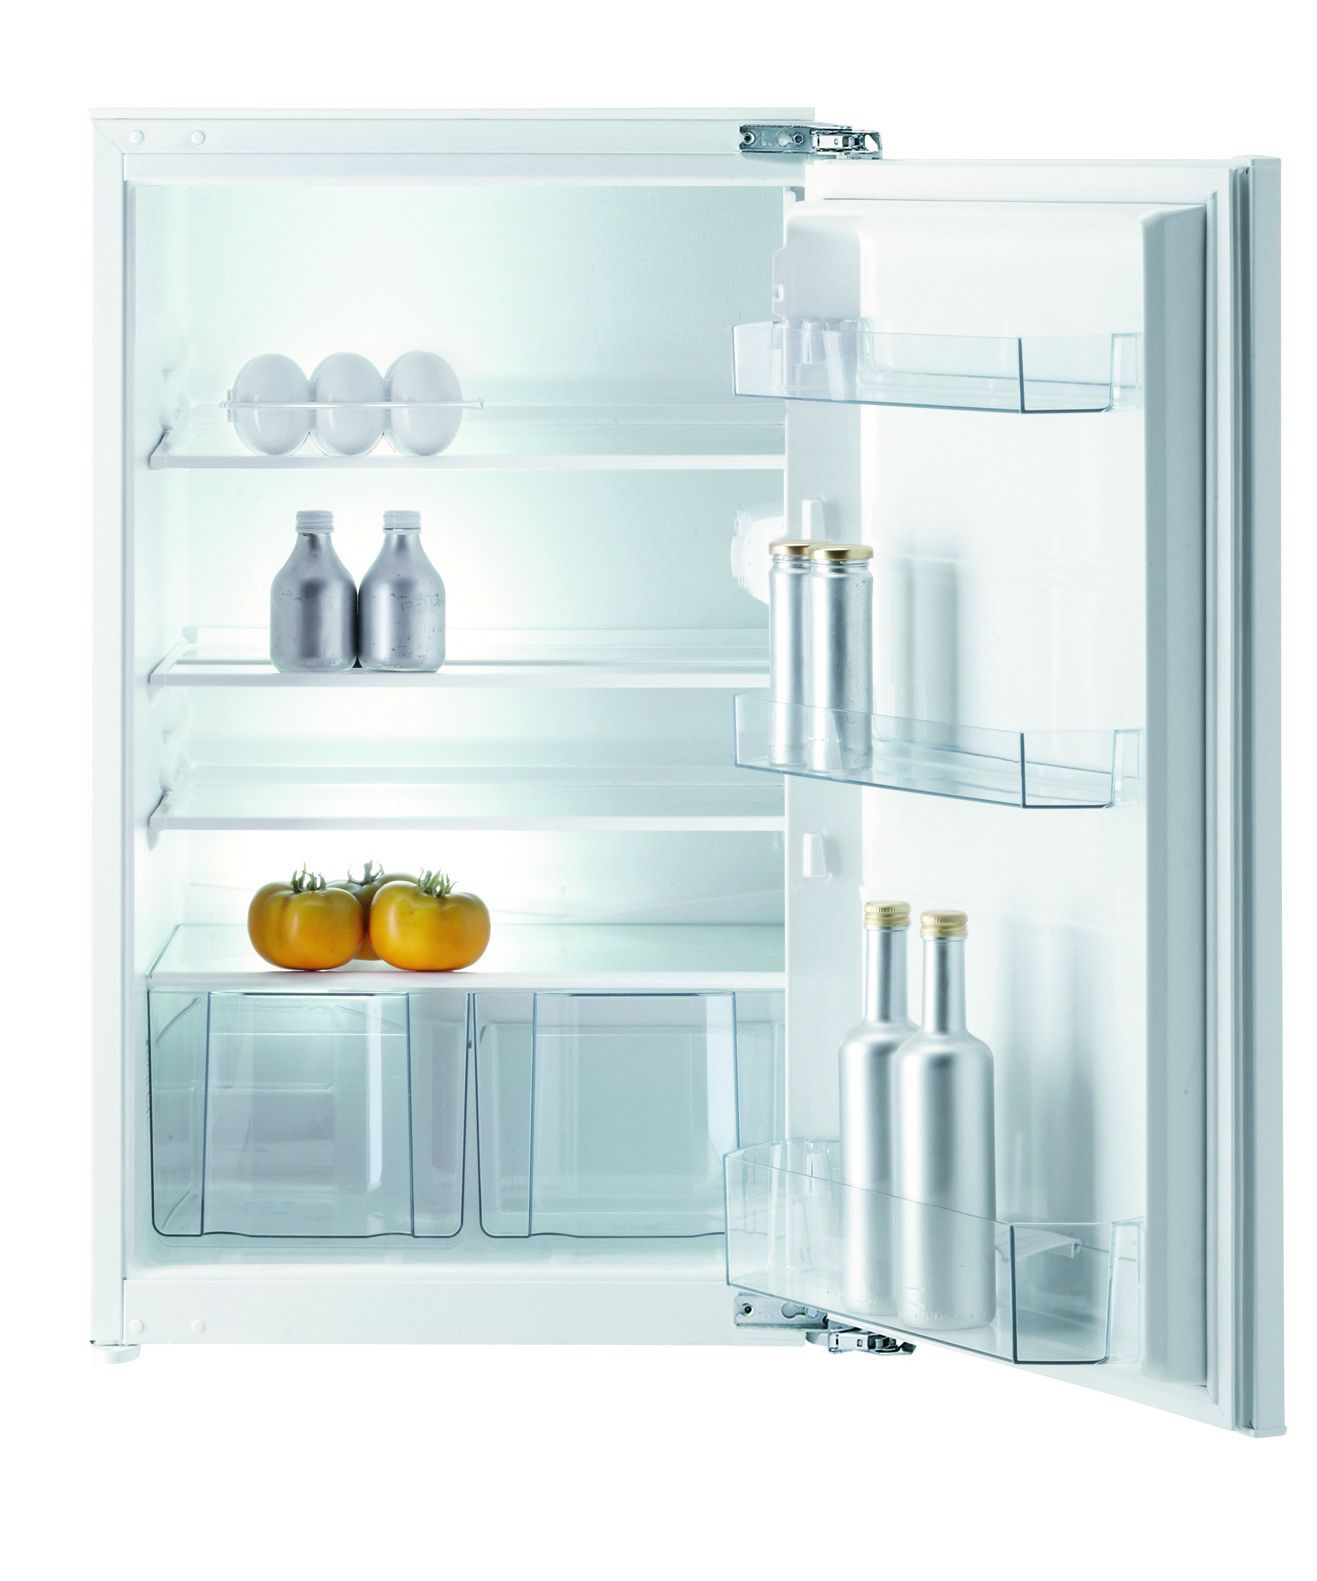 gorenje simply white ri 5092 aw k hlschrank h lt obst und gem se lange frisch. Black Bedroom Furniture Sets. Home Design Ideas